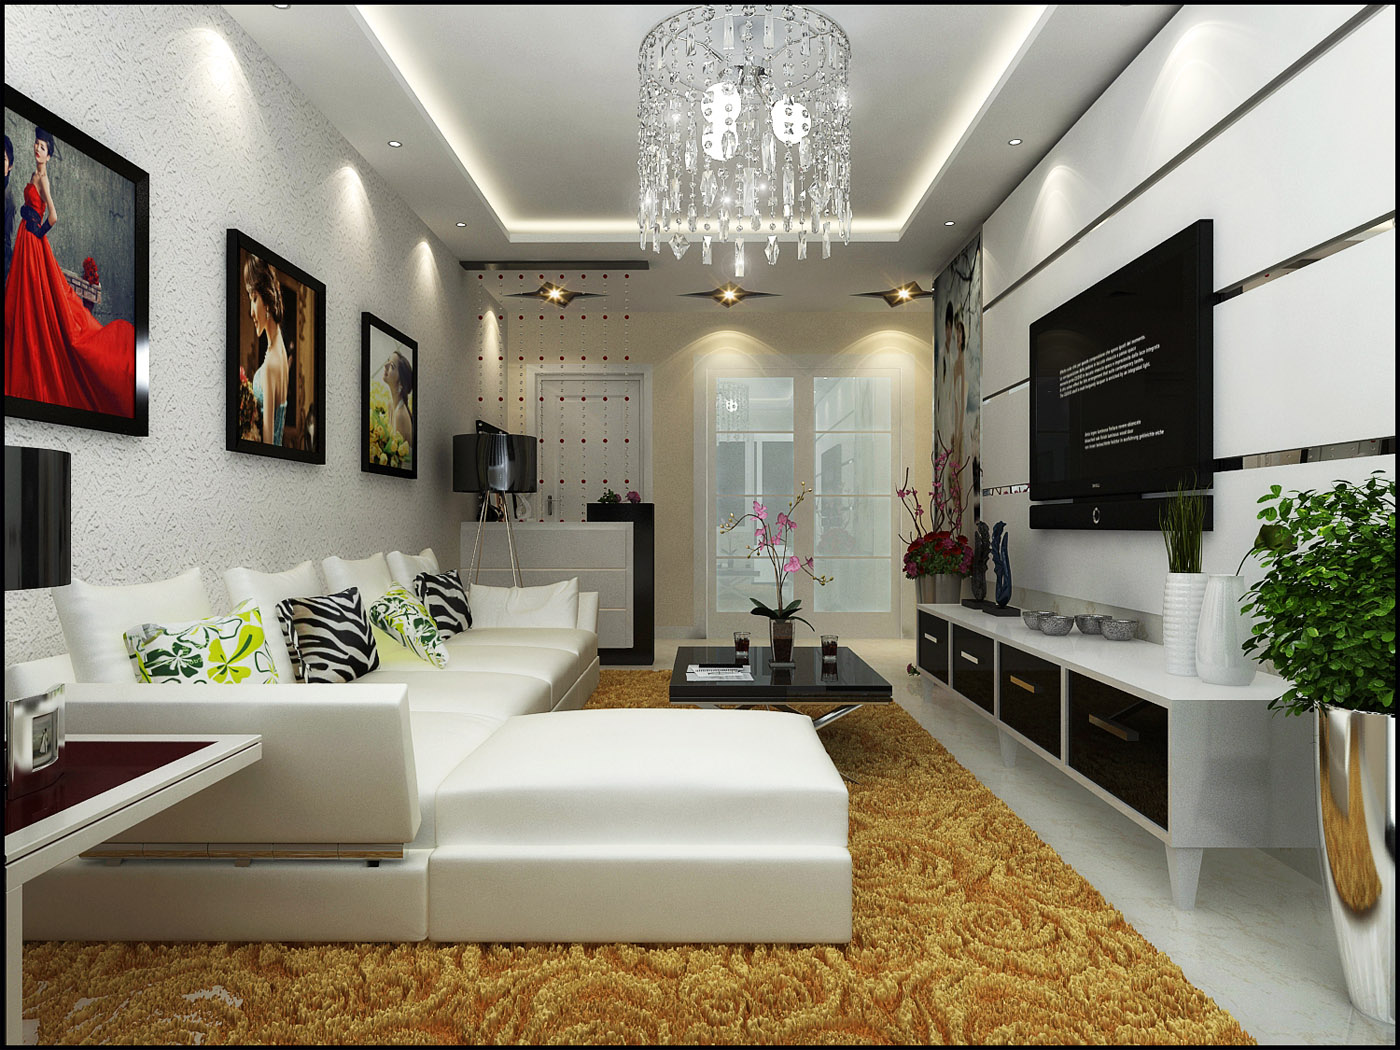 现代简约风格 婚房设计装修效果图-x团装修网